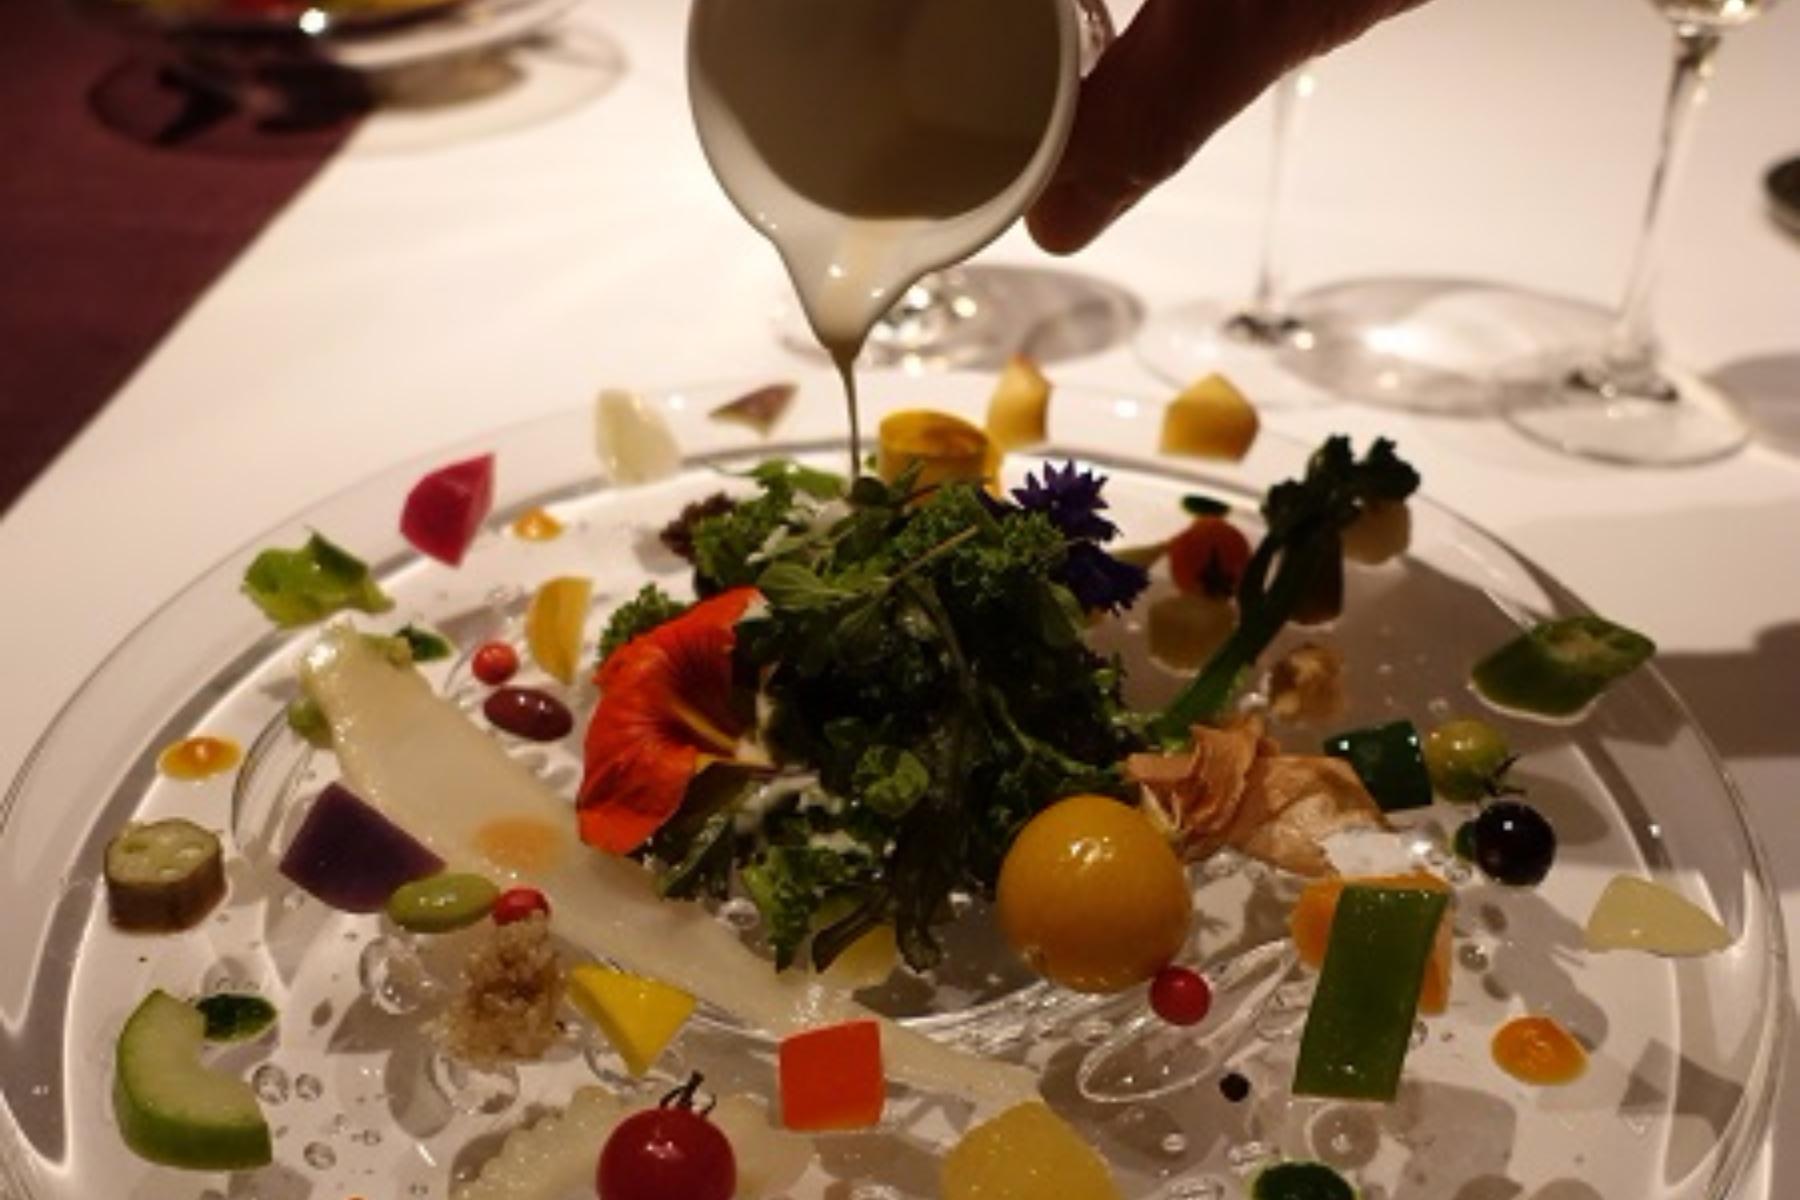 ハロウィーンナイトに楽しむ野菜だけの美食とワイン~山梨県・八ヶ岳~